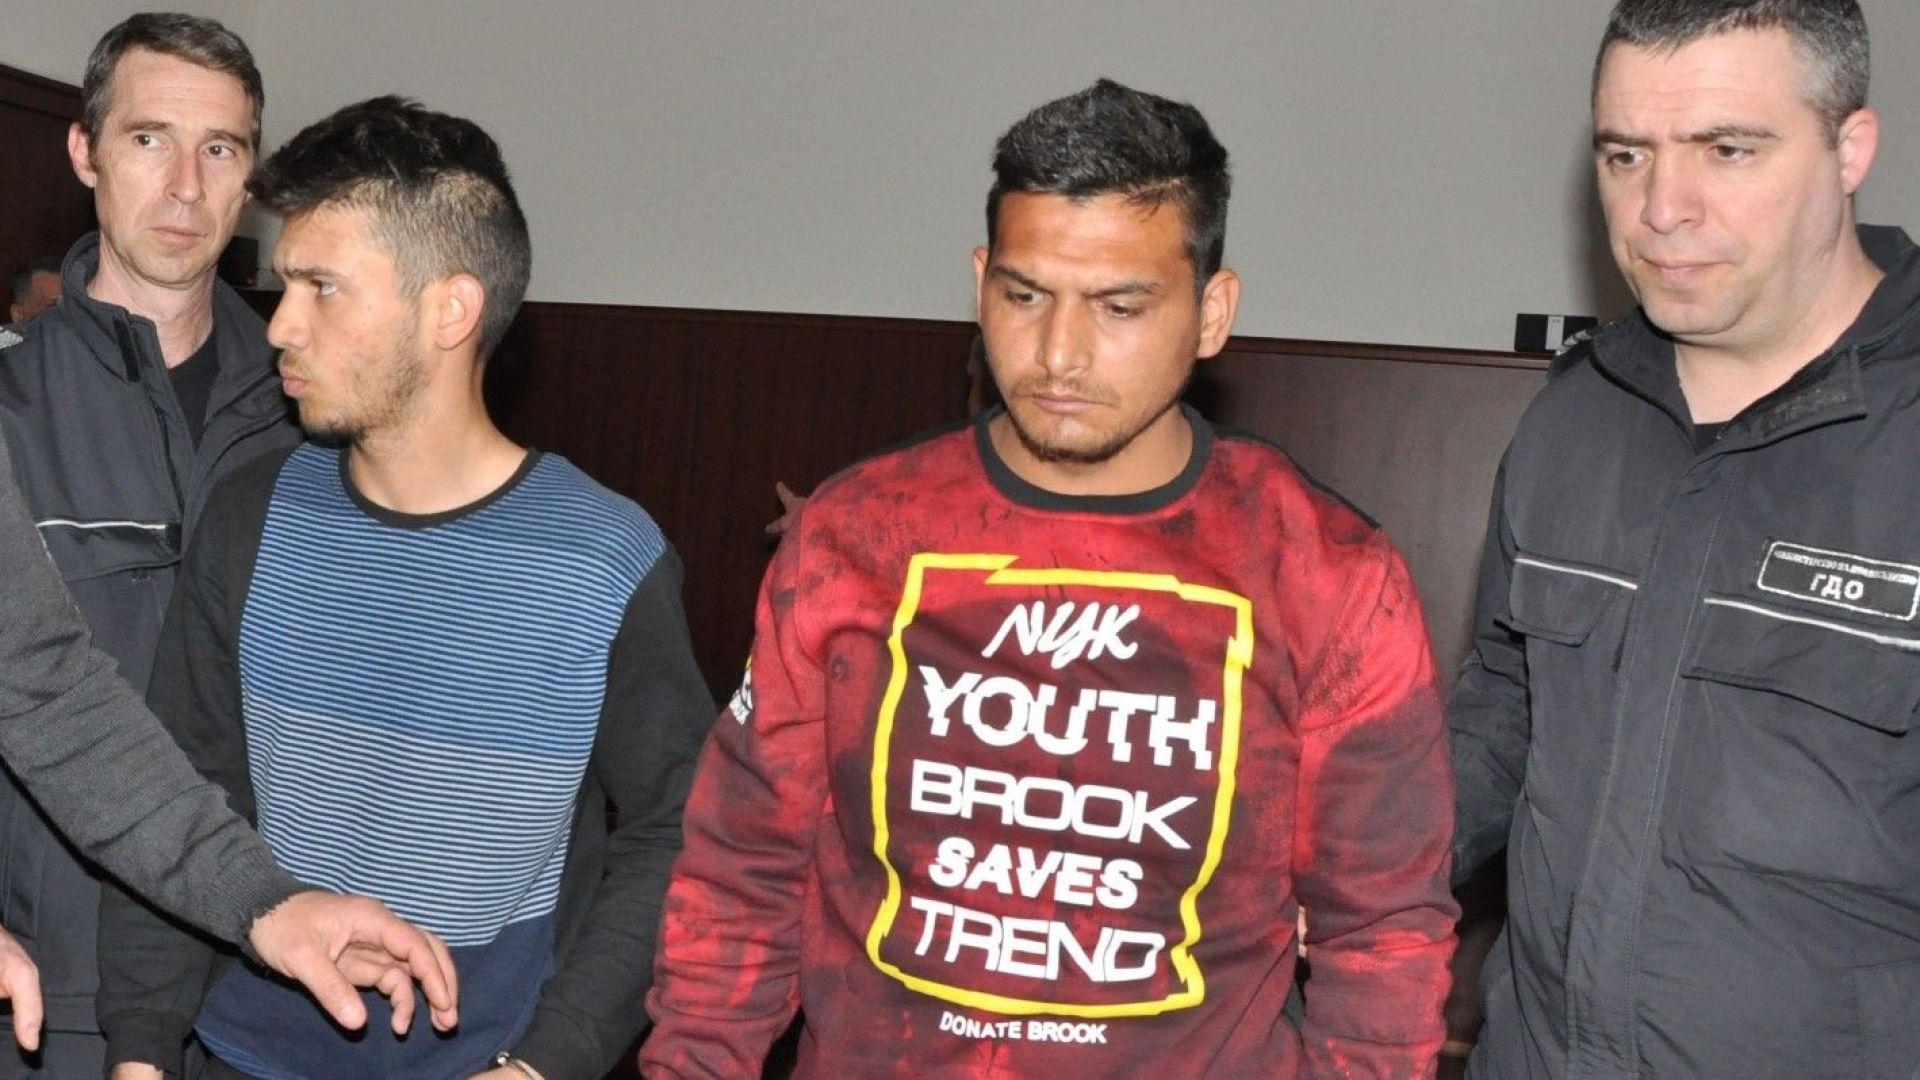 Младежите, гаврили се и убили 53-годишна жена в Харманли, остават в ареста